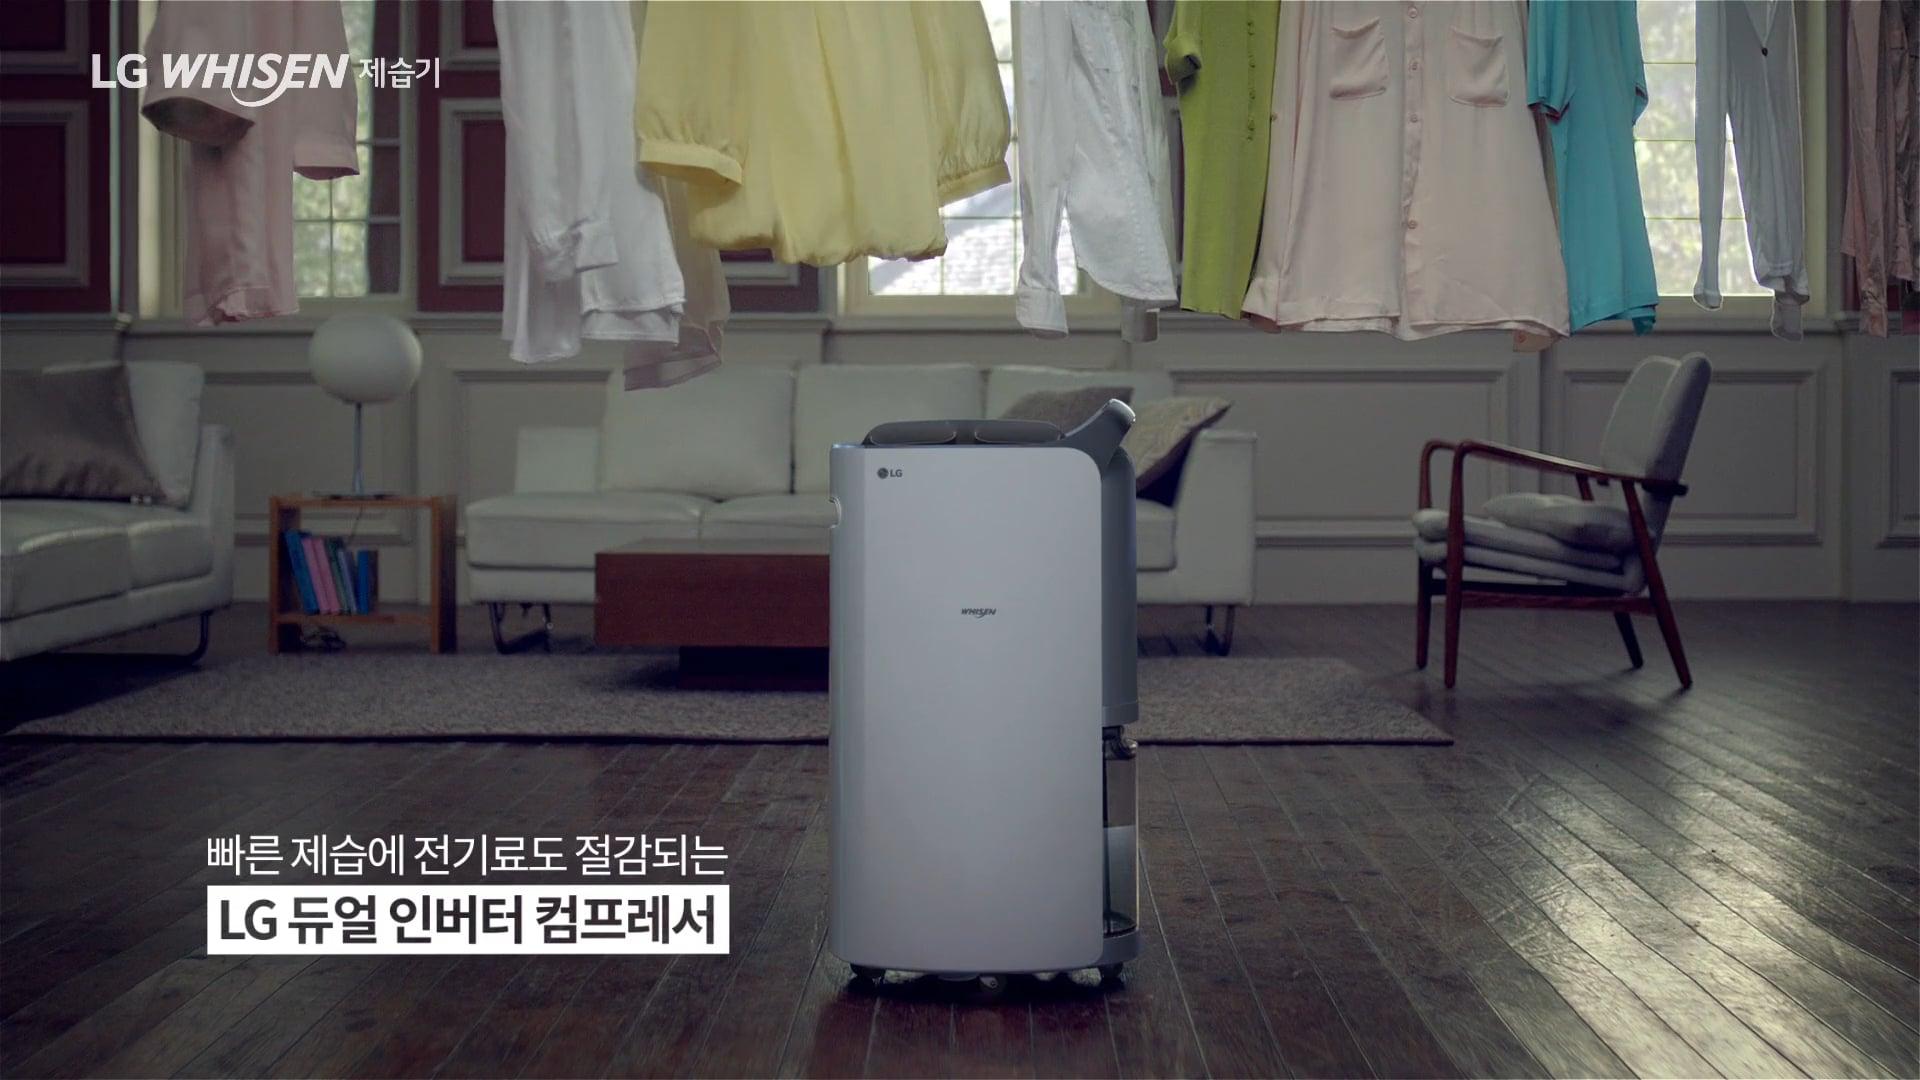 LG 휘센 제습기